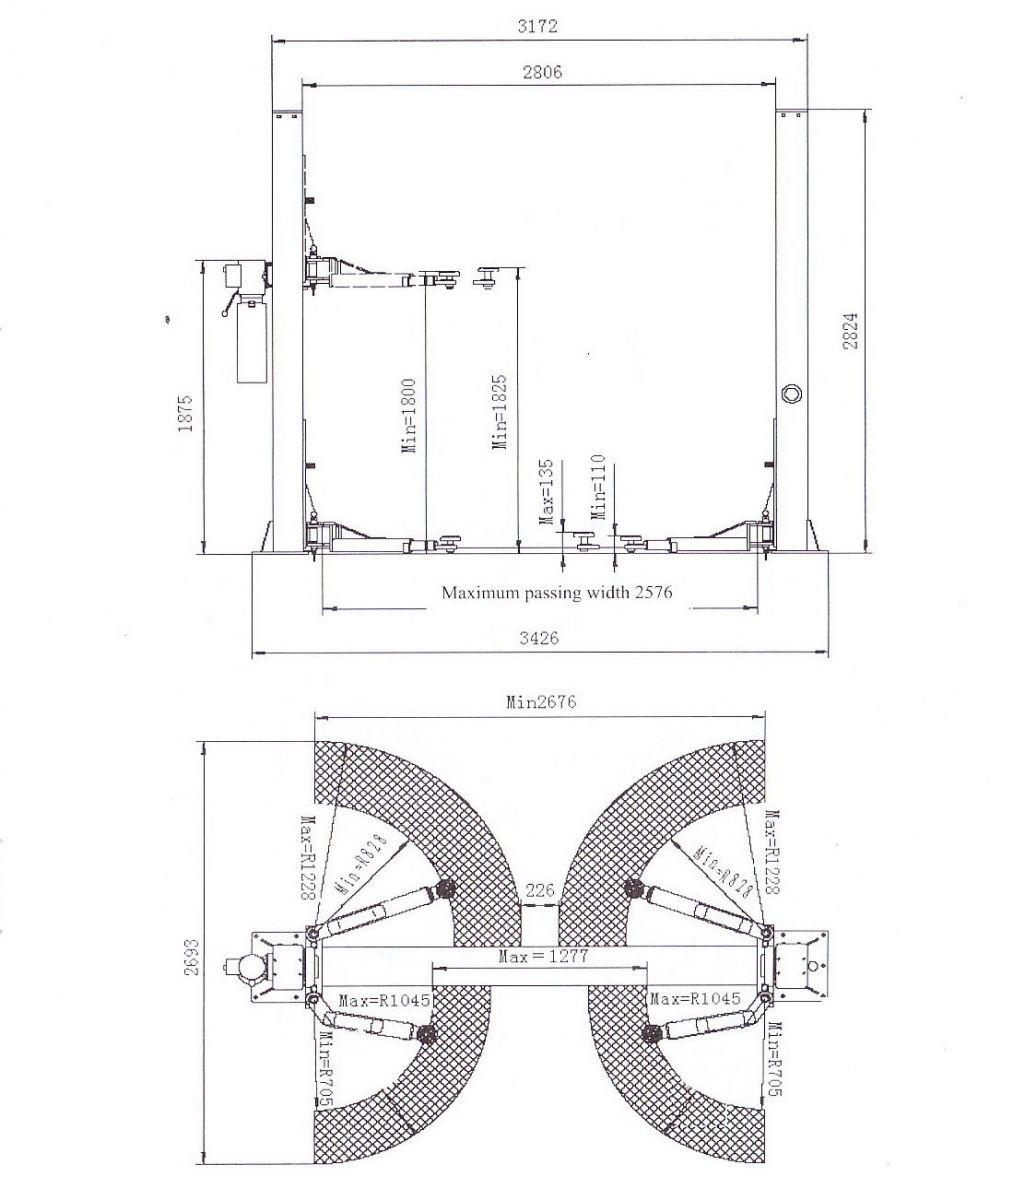 Автоподъемник REMAX V2-4 схема